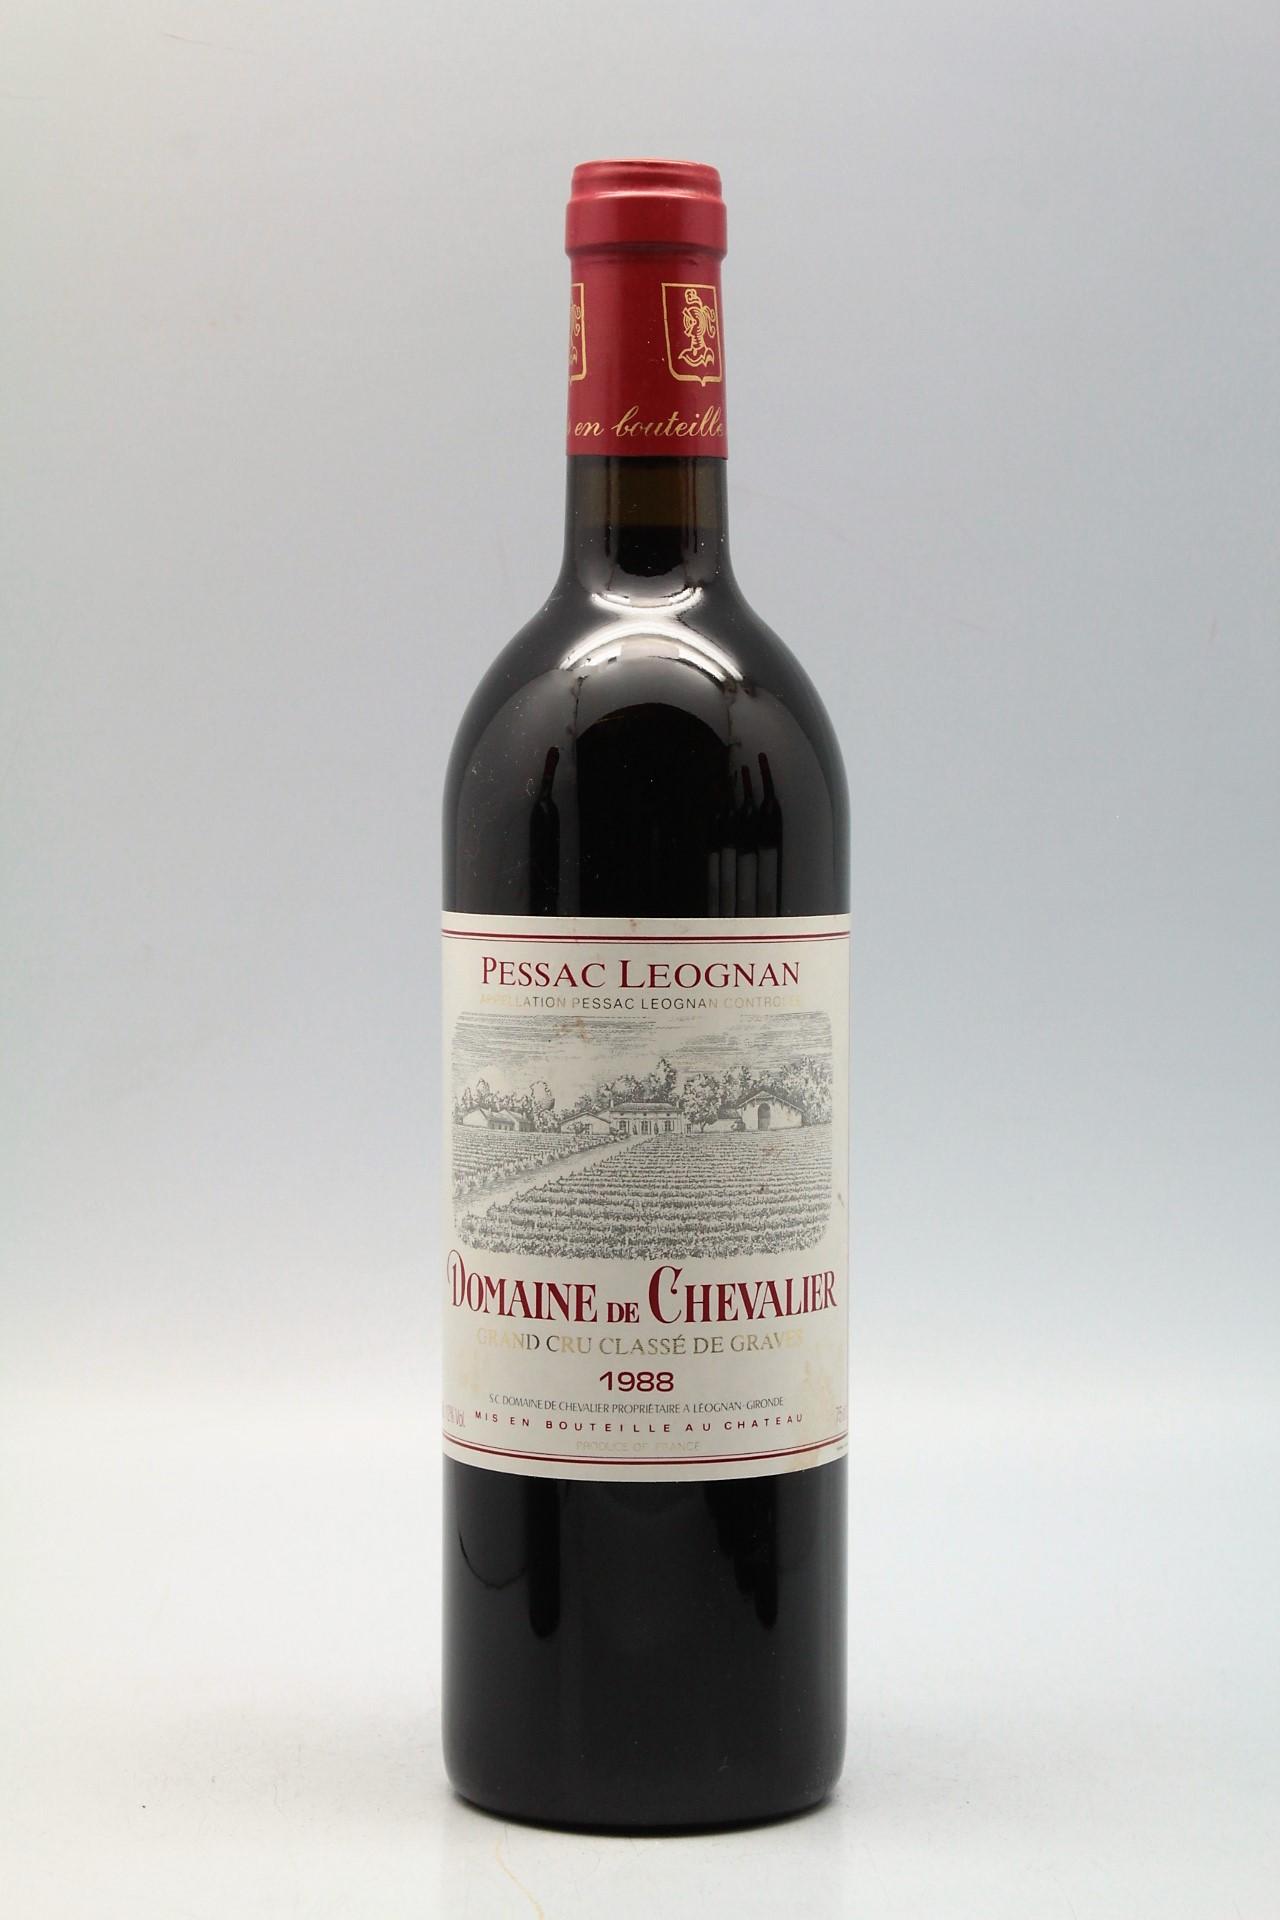 Le Jardin Des Provinces Pessac Génial Chevalier 1988 Vins & Millesimes